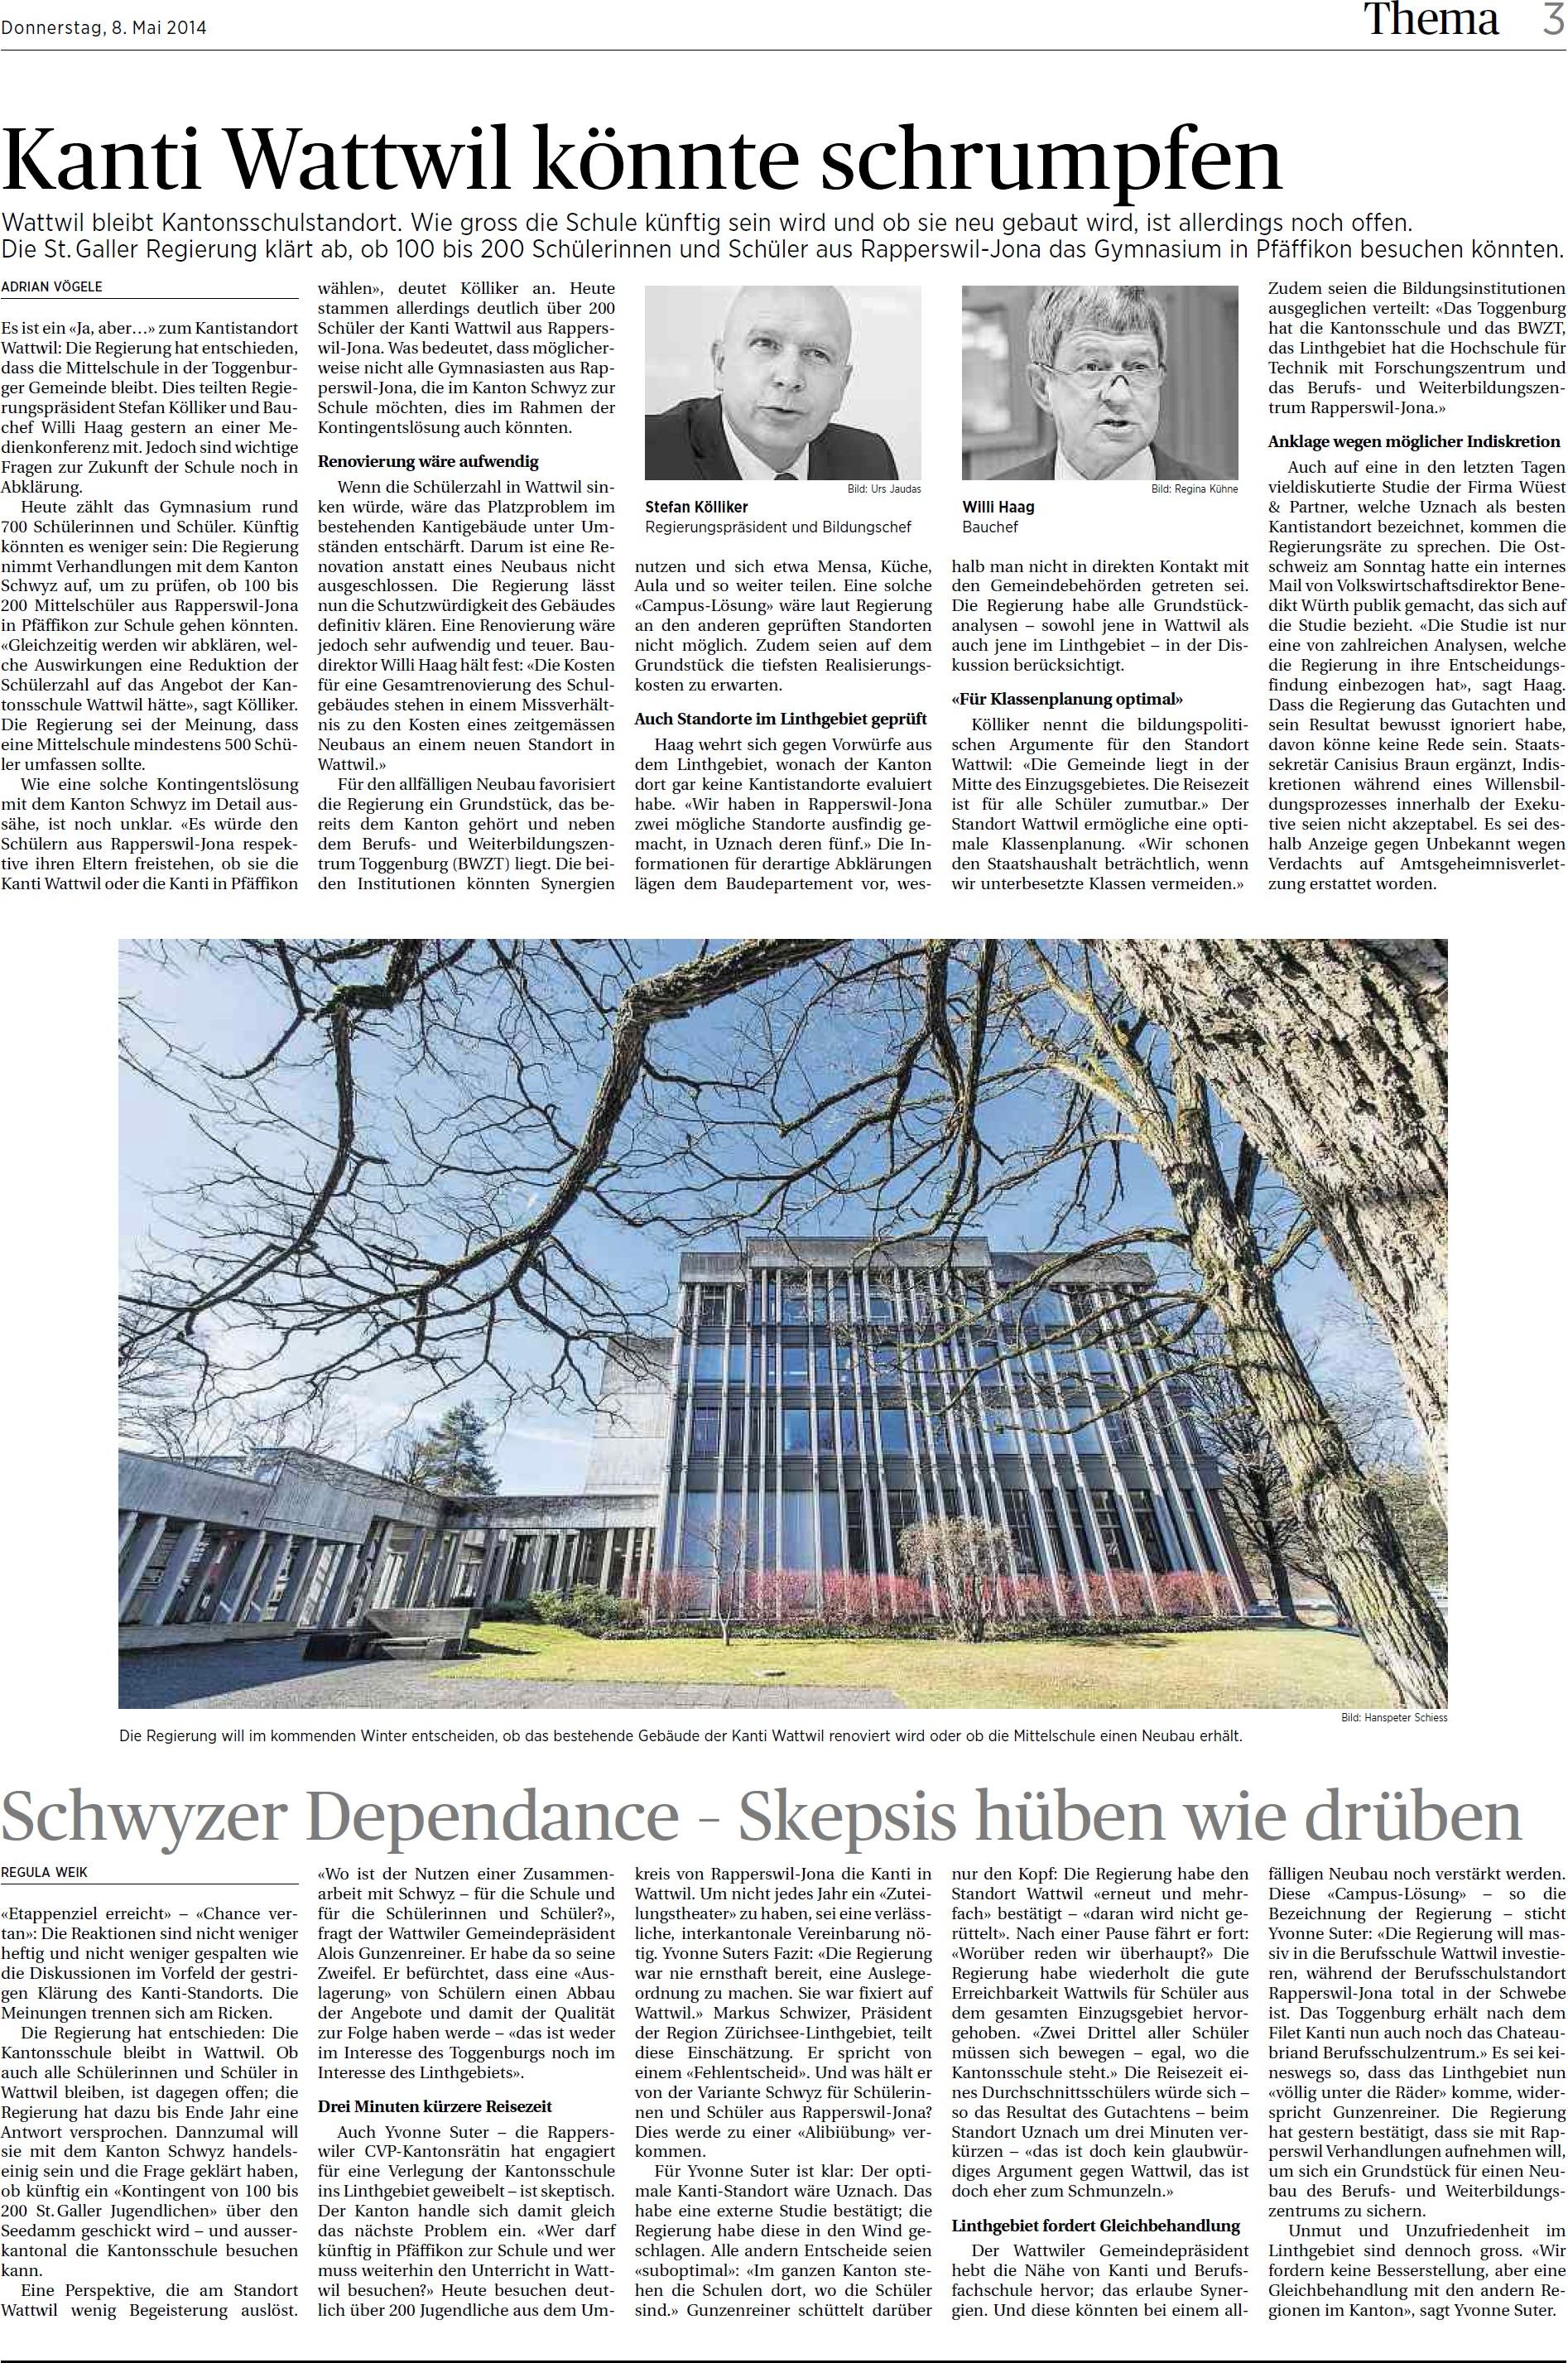 Kanti Wattwil könnte schrumpfen (Donnerstag, 08.05.2014)